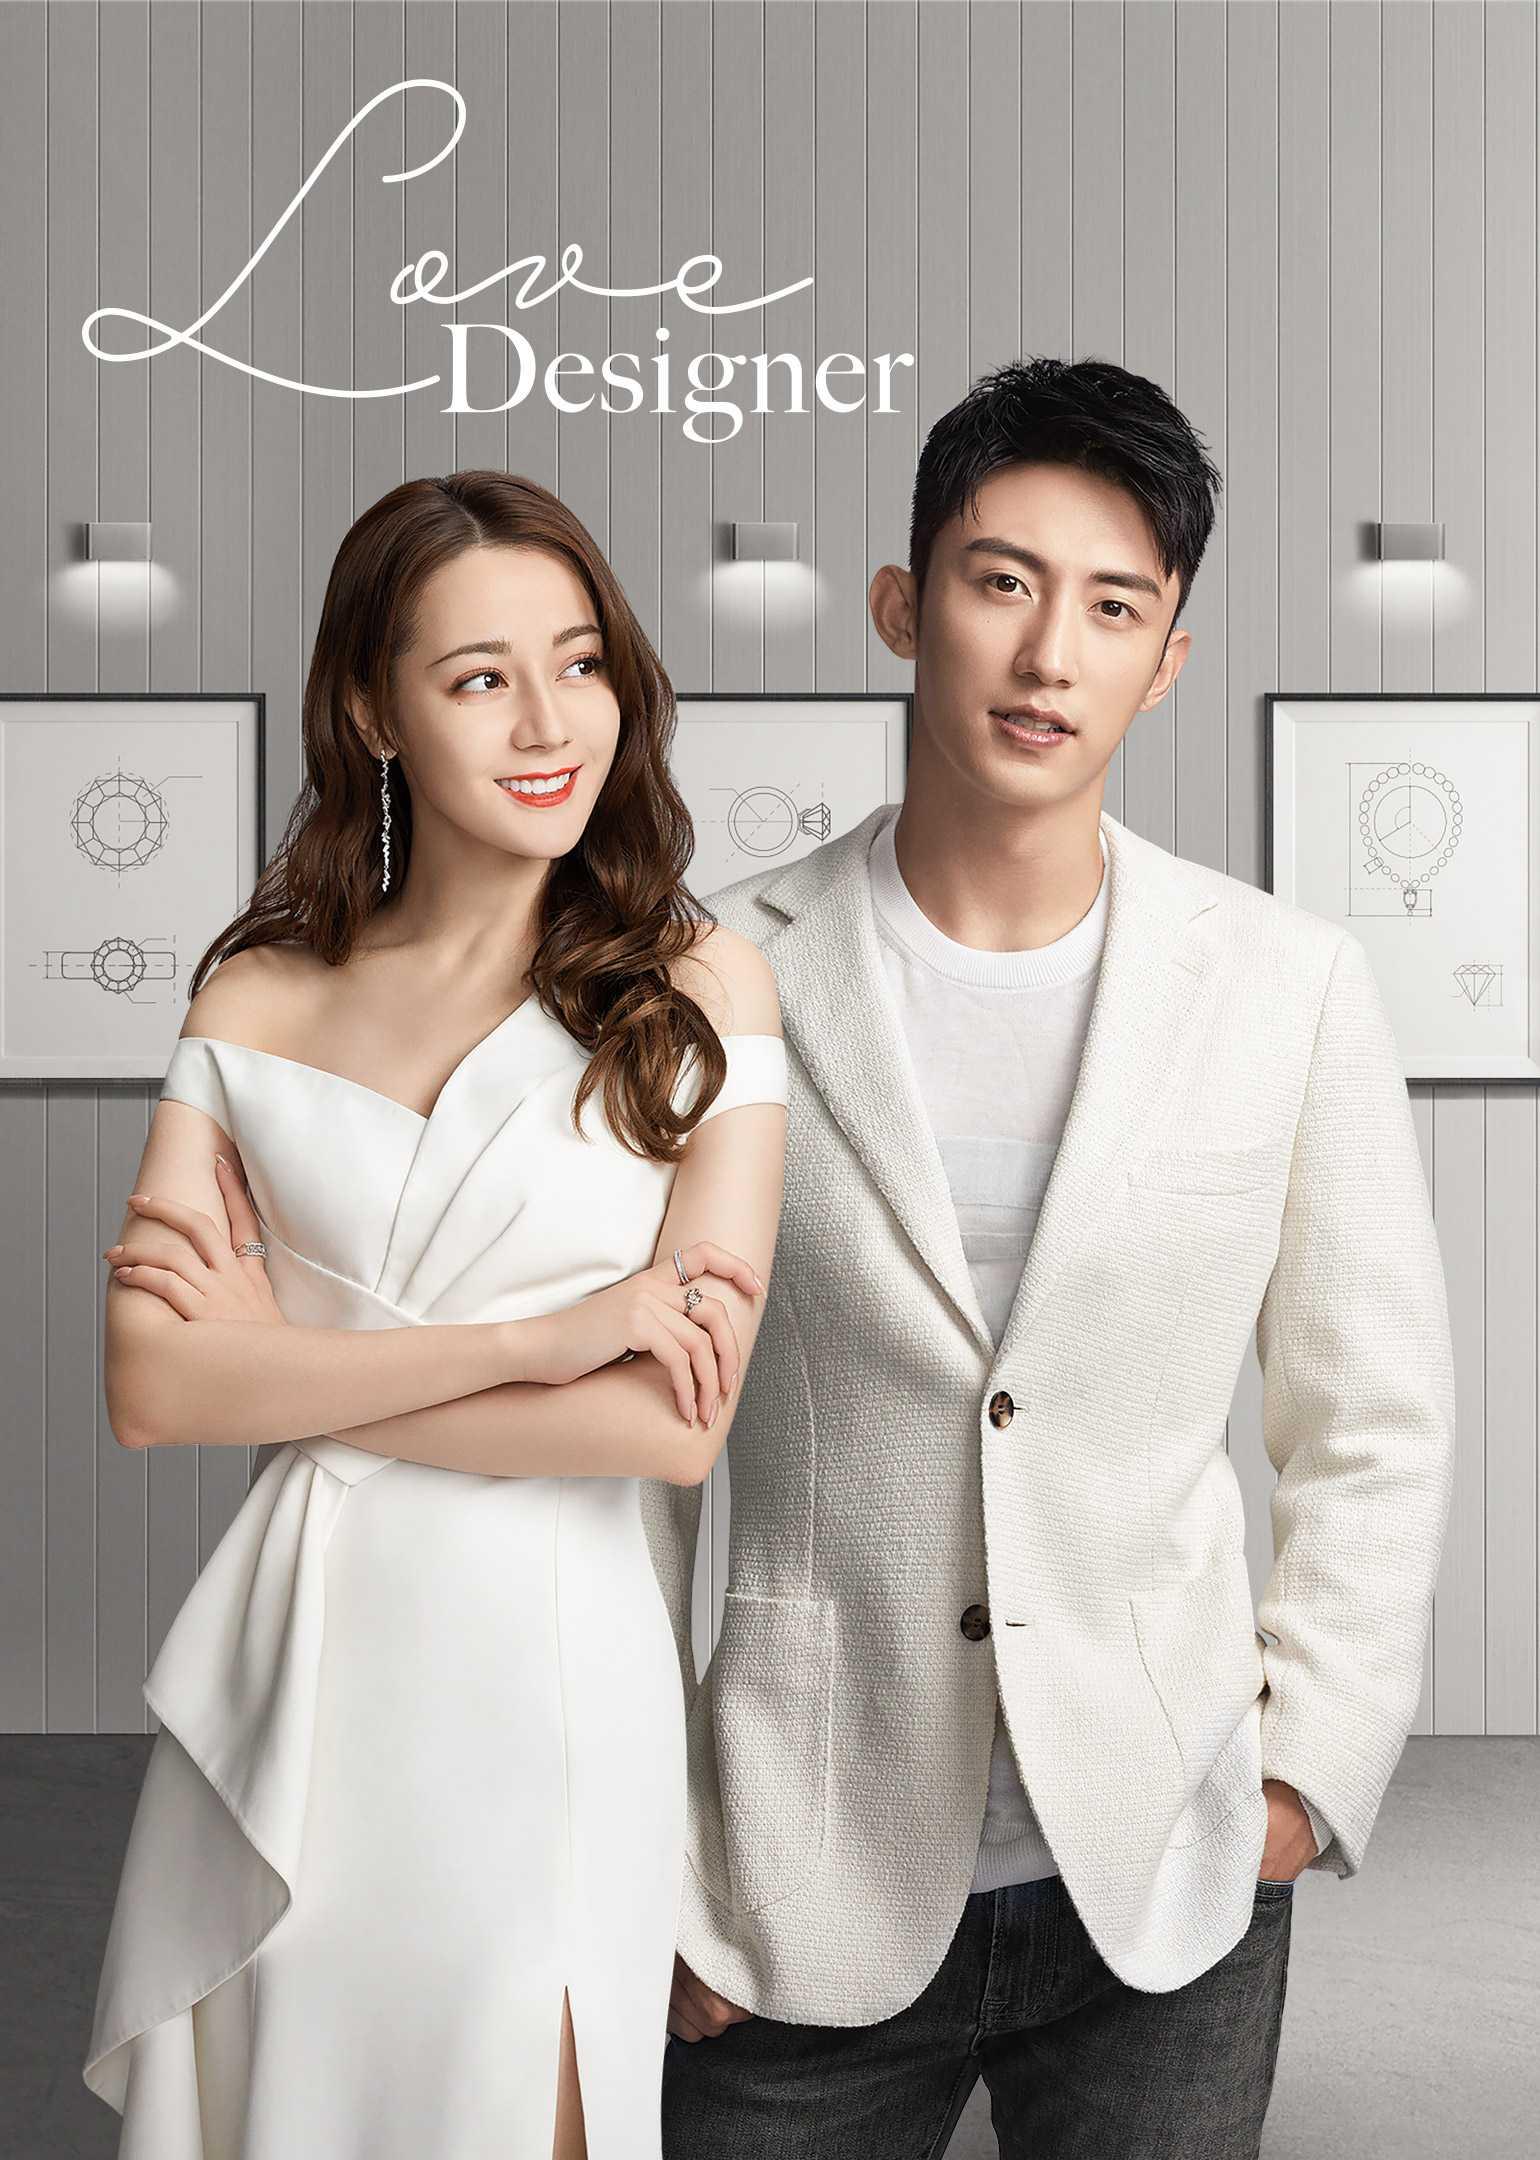 ออกแบบรักฉบับพิเศษ-love-designer-2020-ซับไทย-ตอนที่-1-17-ยังไม่จบ-